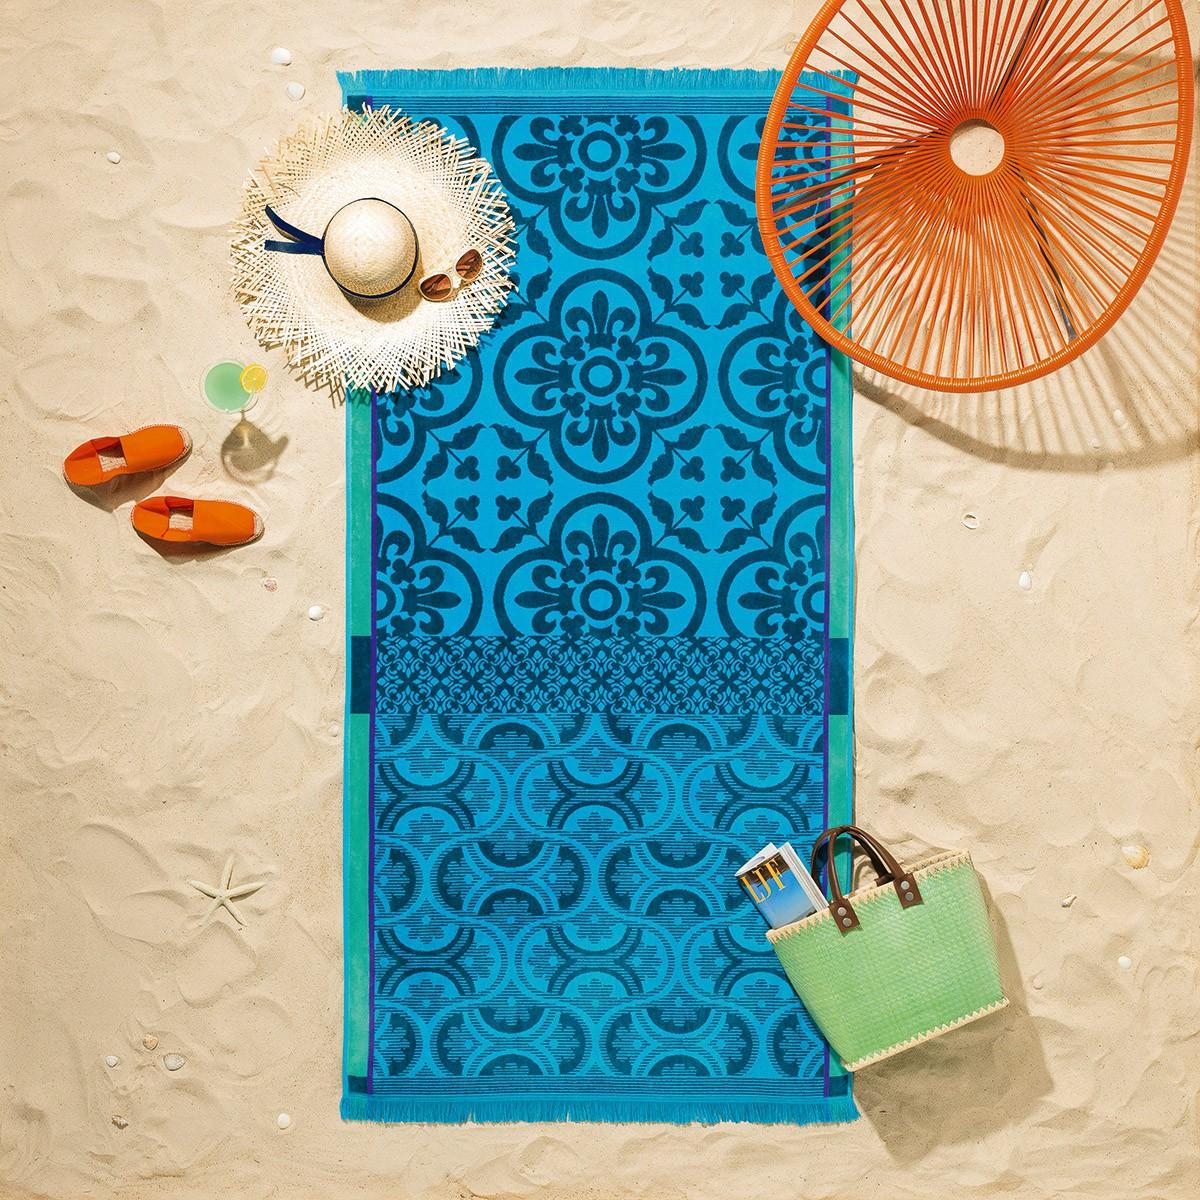 e1e64dde25 Le guide pour bien acheter sa serviette de plage cette année pour 2018